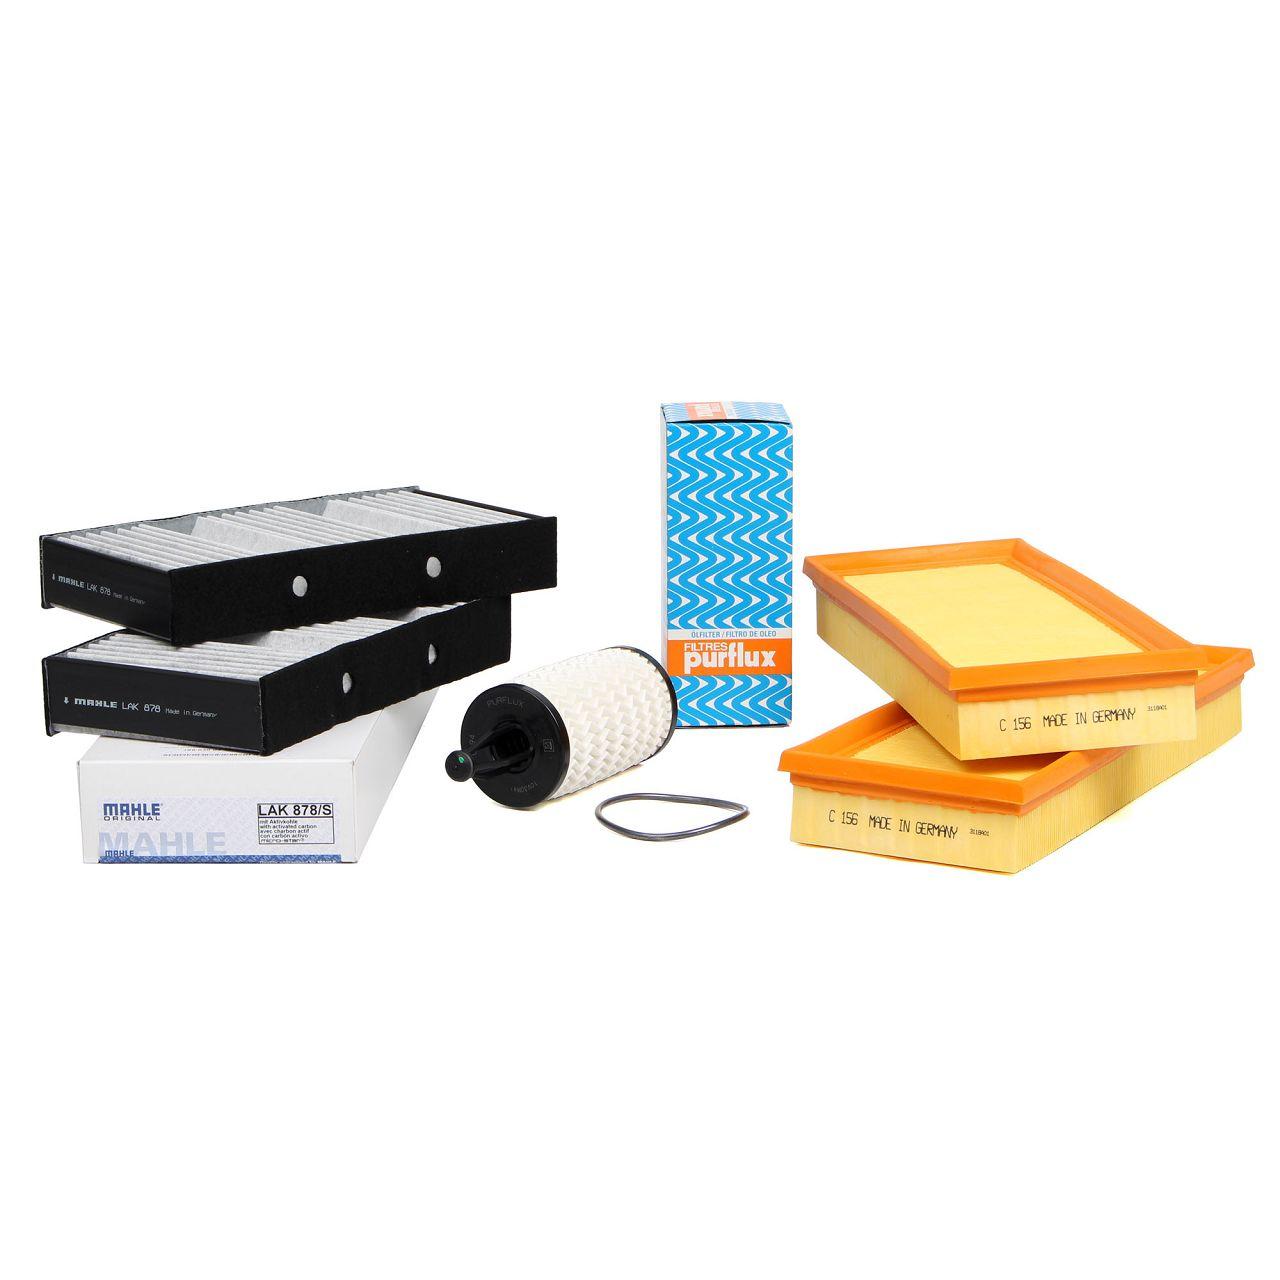 Inspektionskit für MERCEDES GL X166 GLE W166 C292 GLS X166 500/63 AMG 4-matic